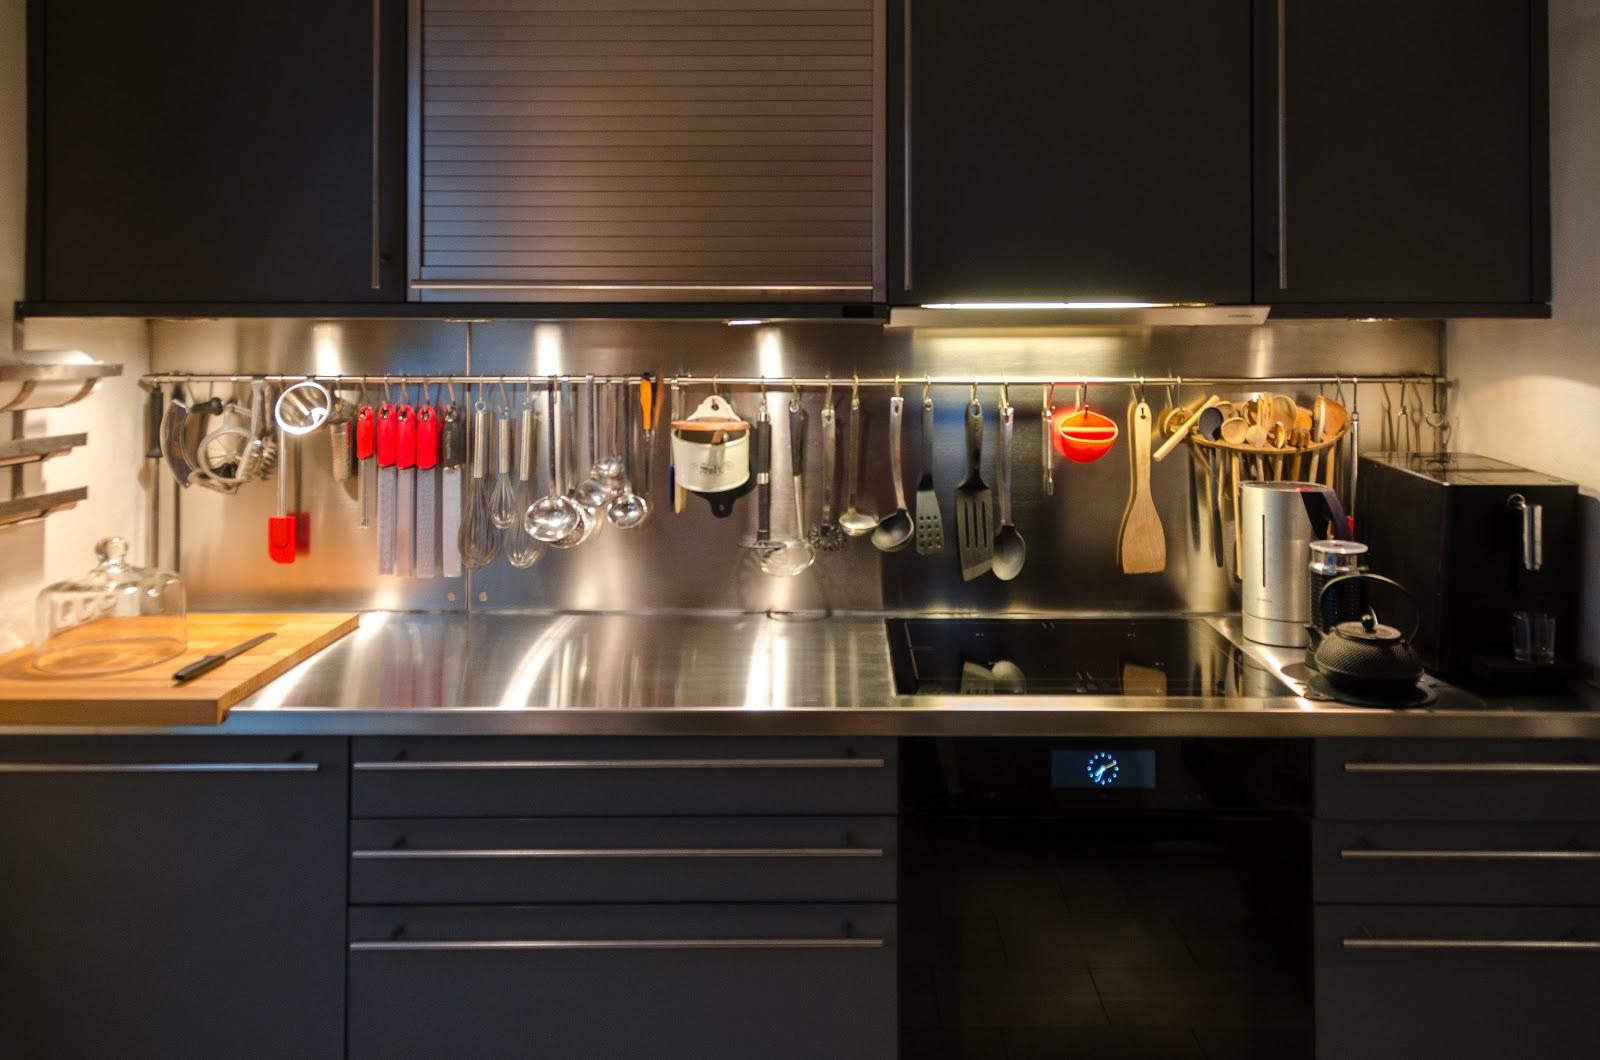 Ziemlich Beste Küche Renovieren Websites Zeitgenössisch - Küche Set ...